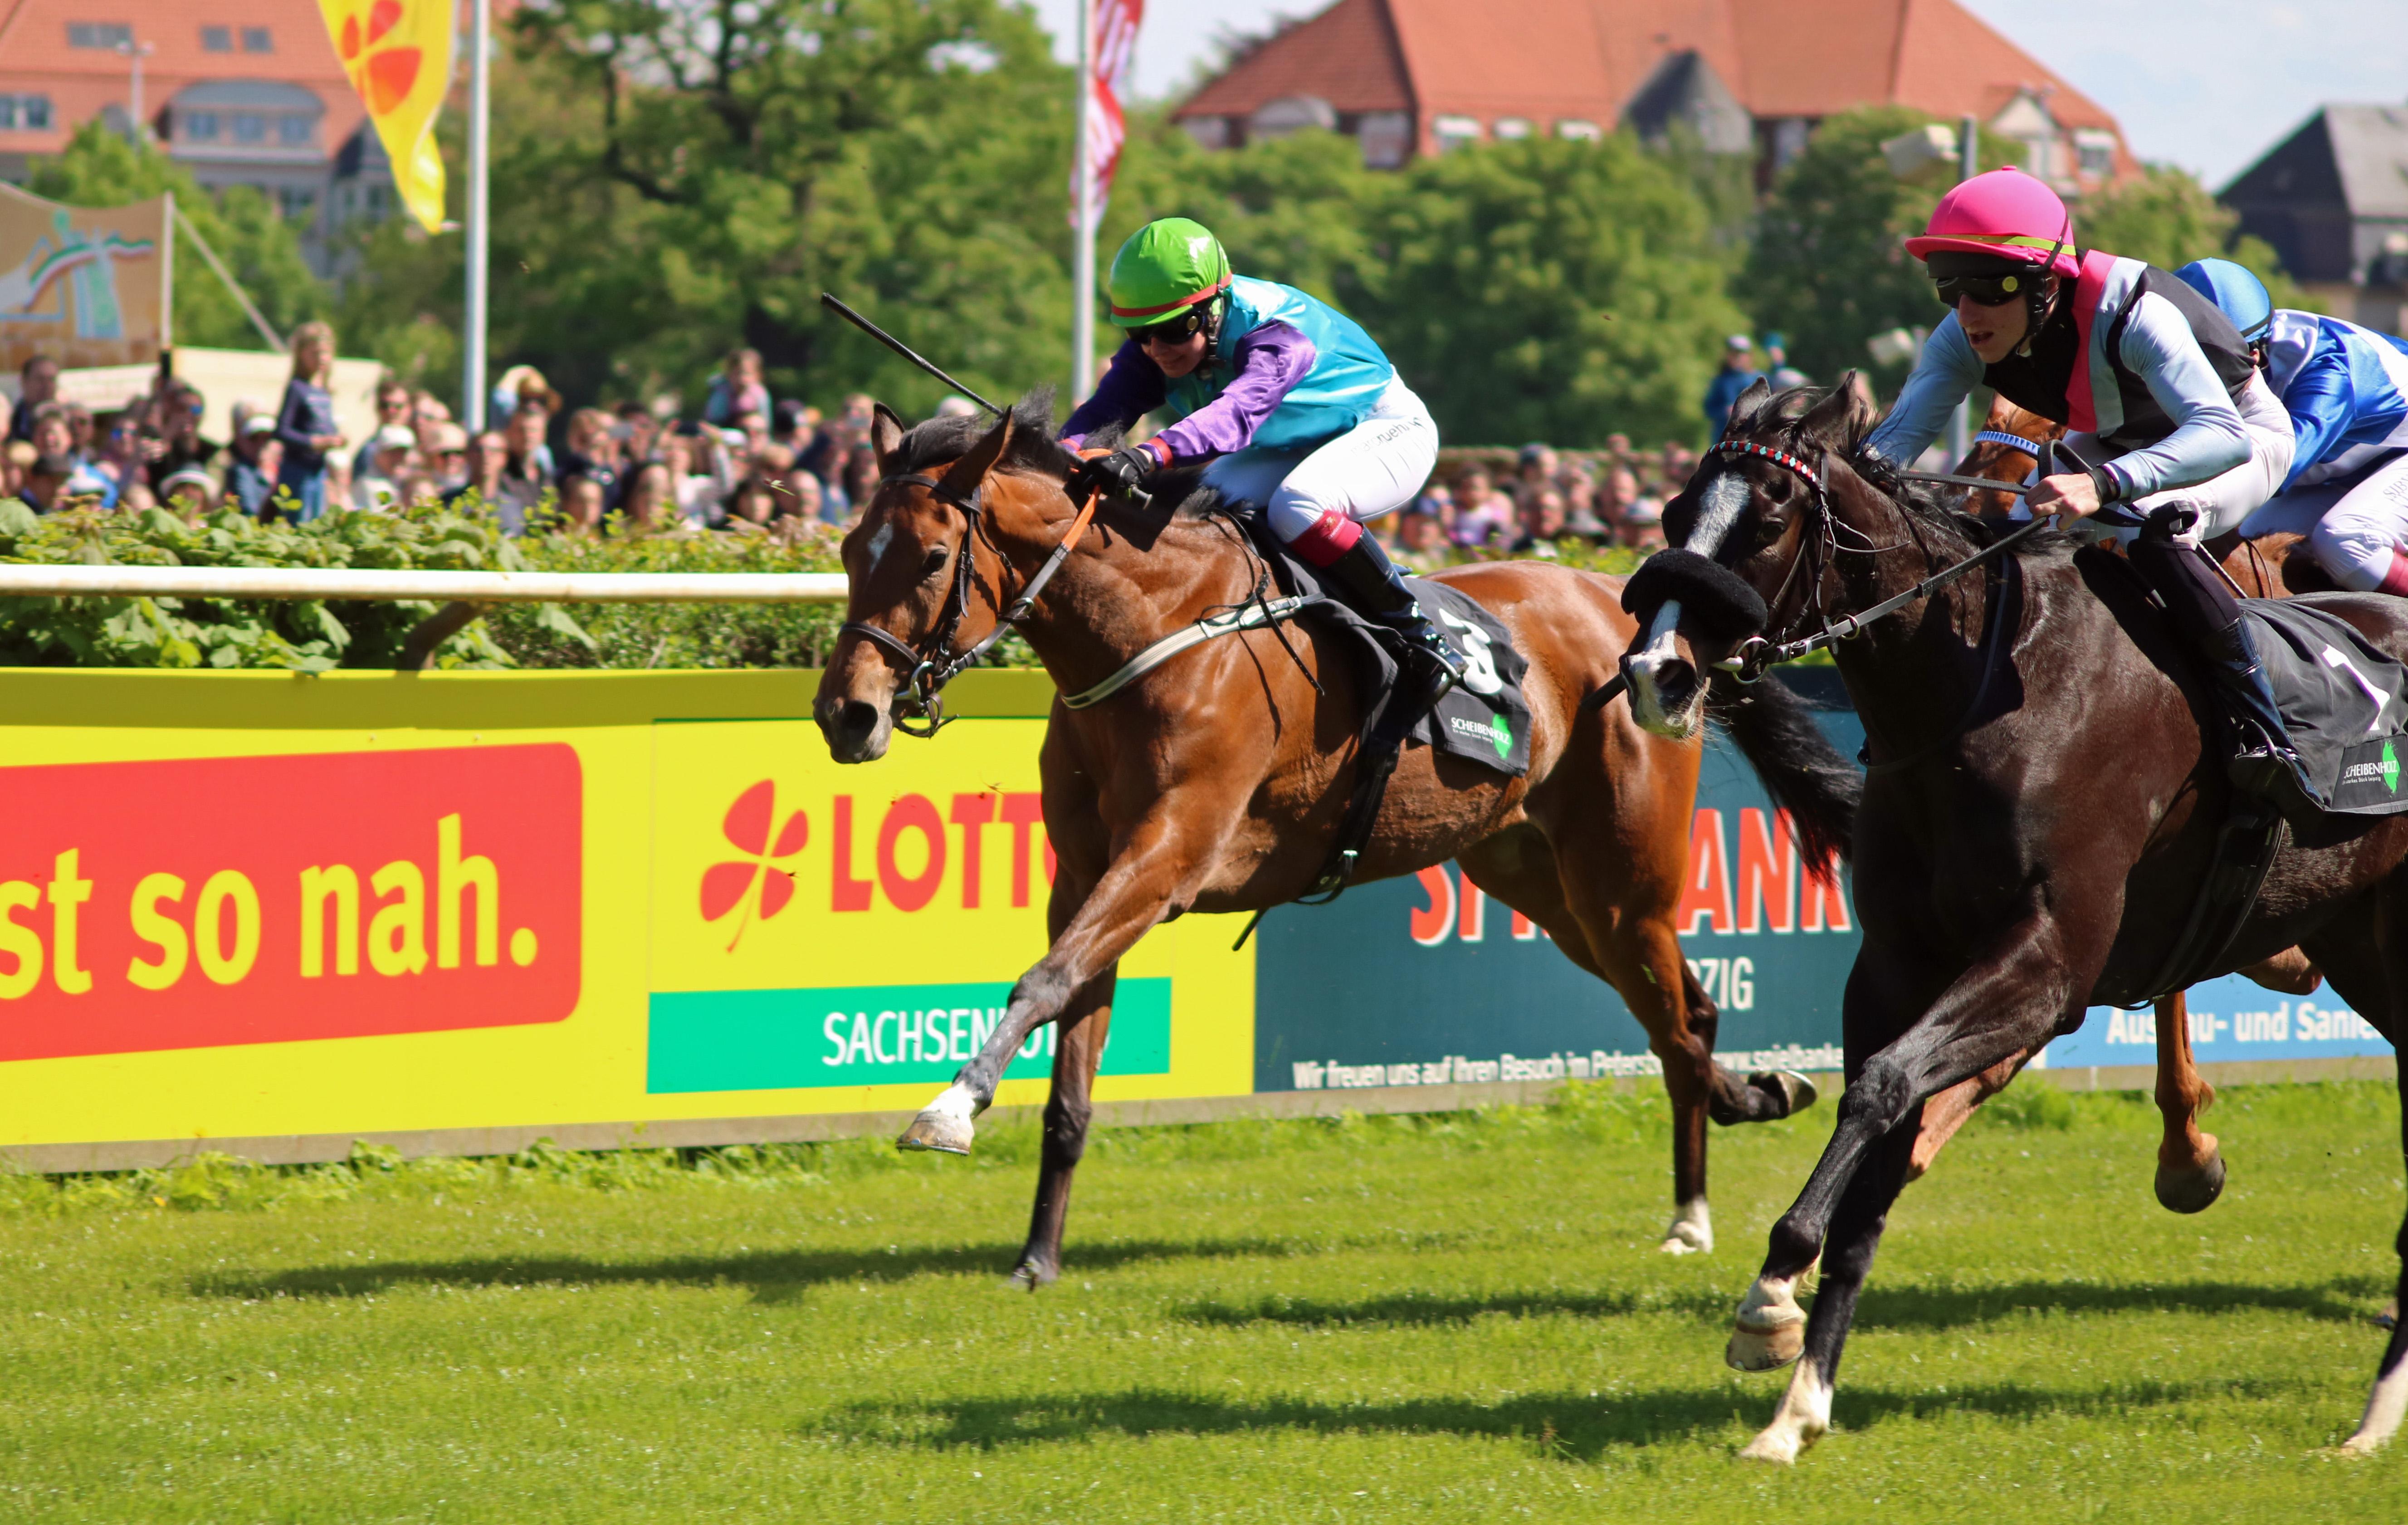 Pferde beim Rennen, Rennbahn Hoppegarten bei Berlin